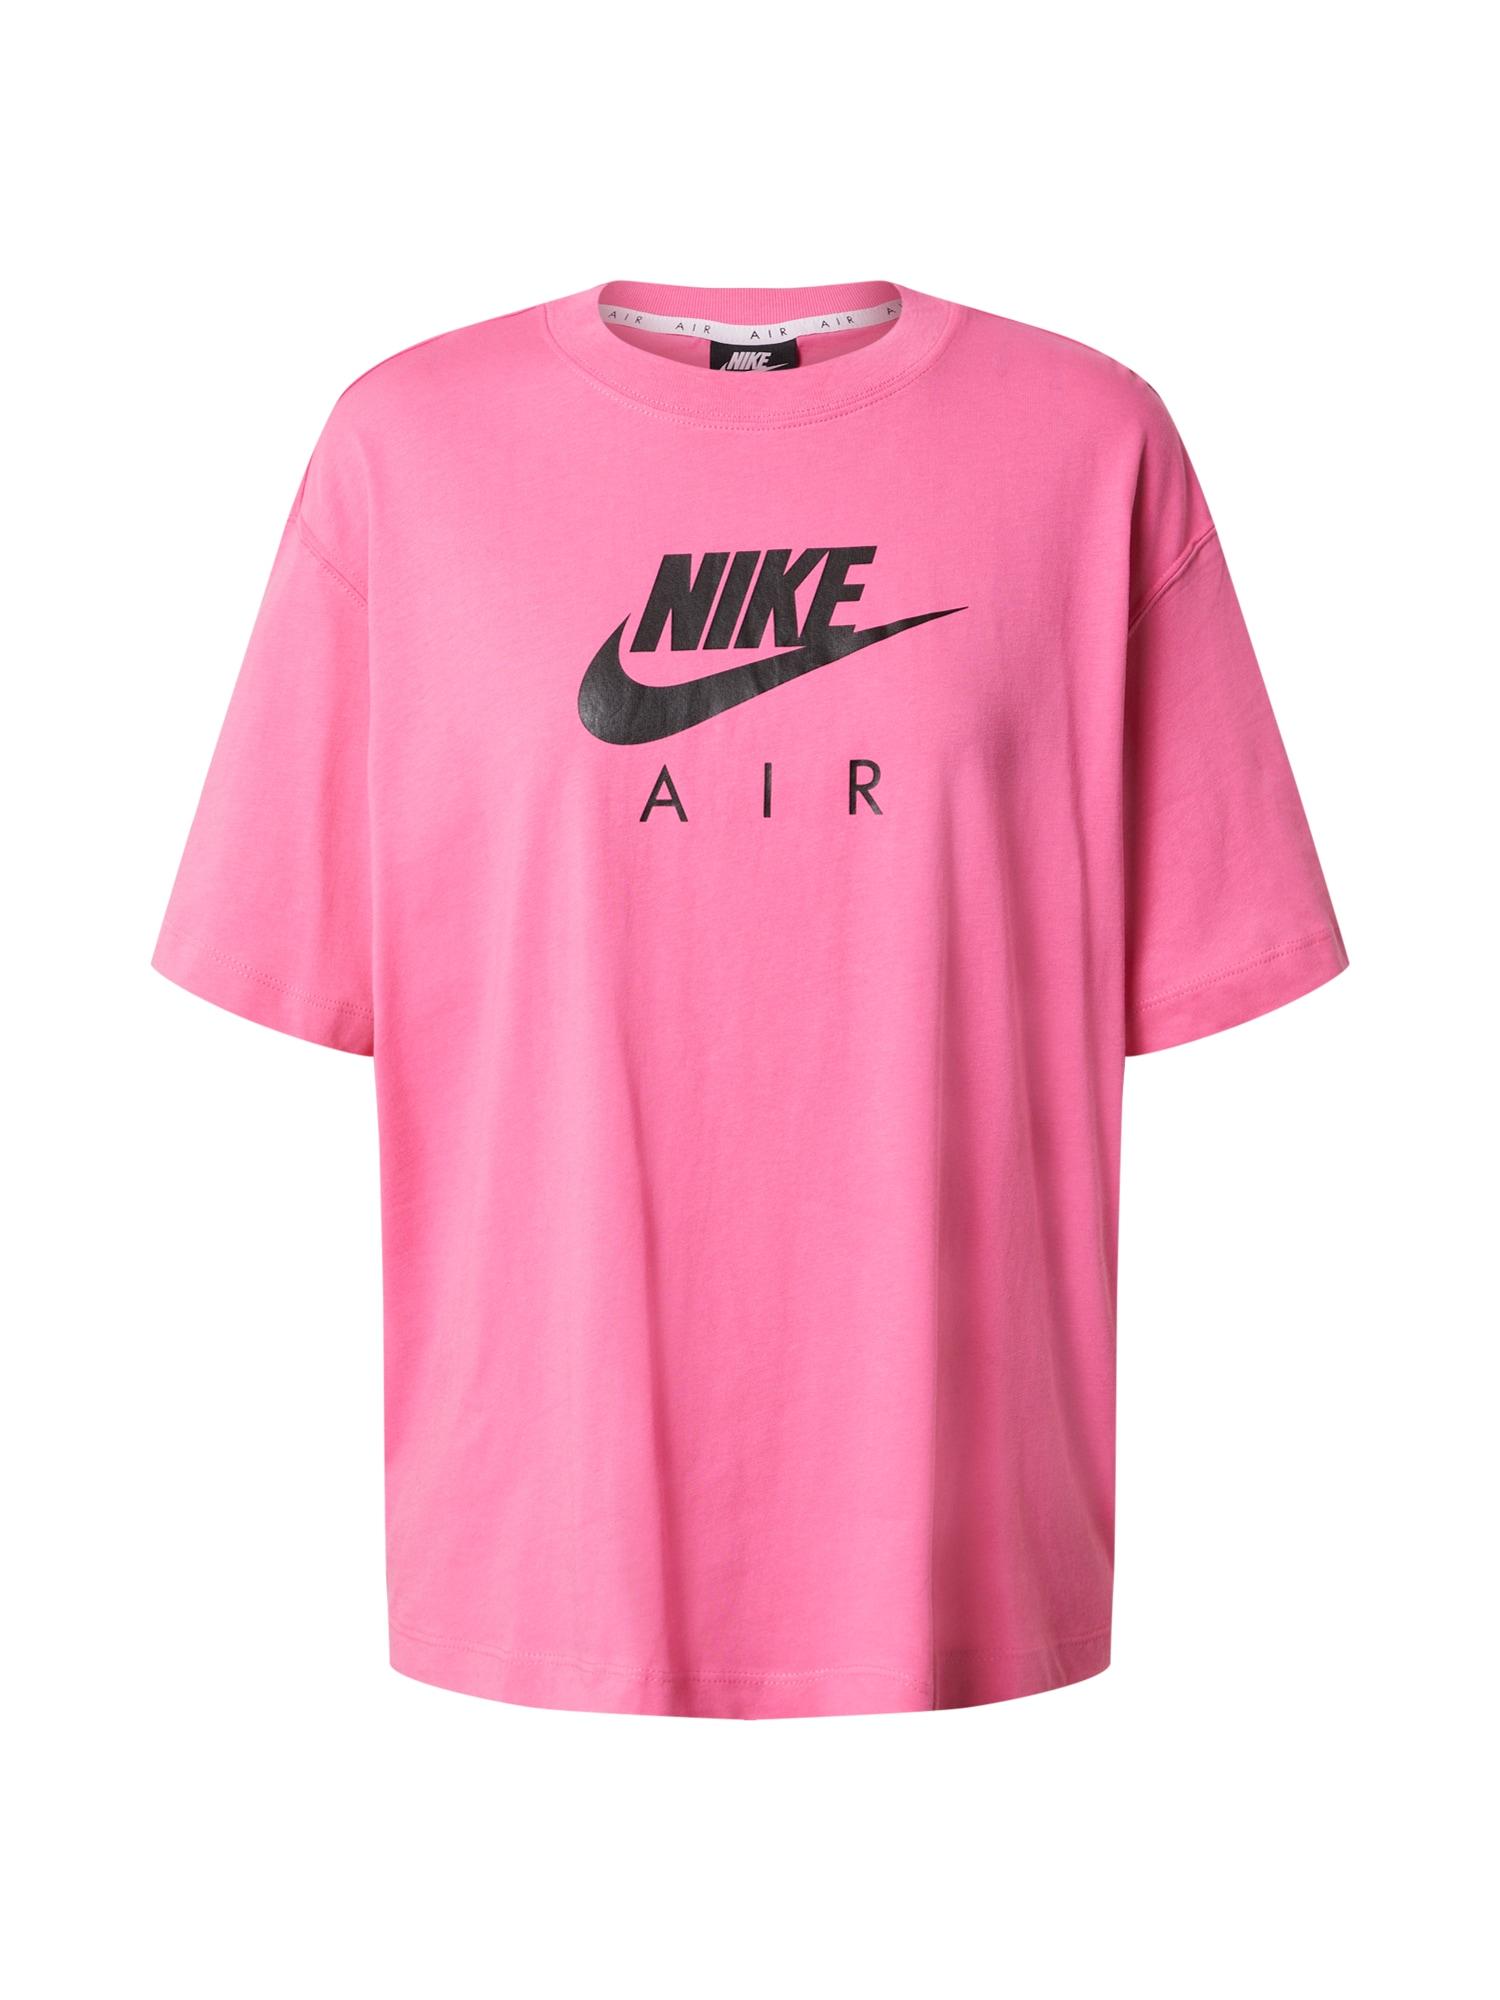 Nike Sportswear Tričko 'Air'  růžová / černá